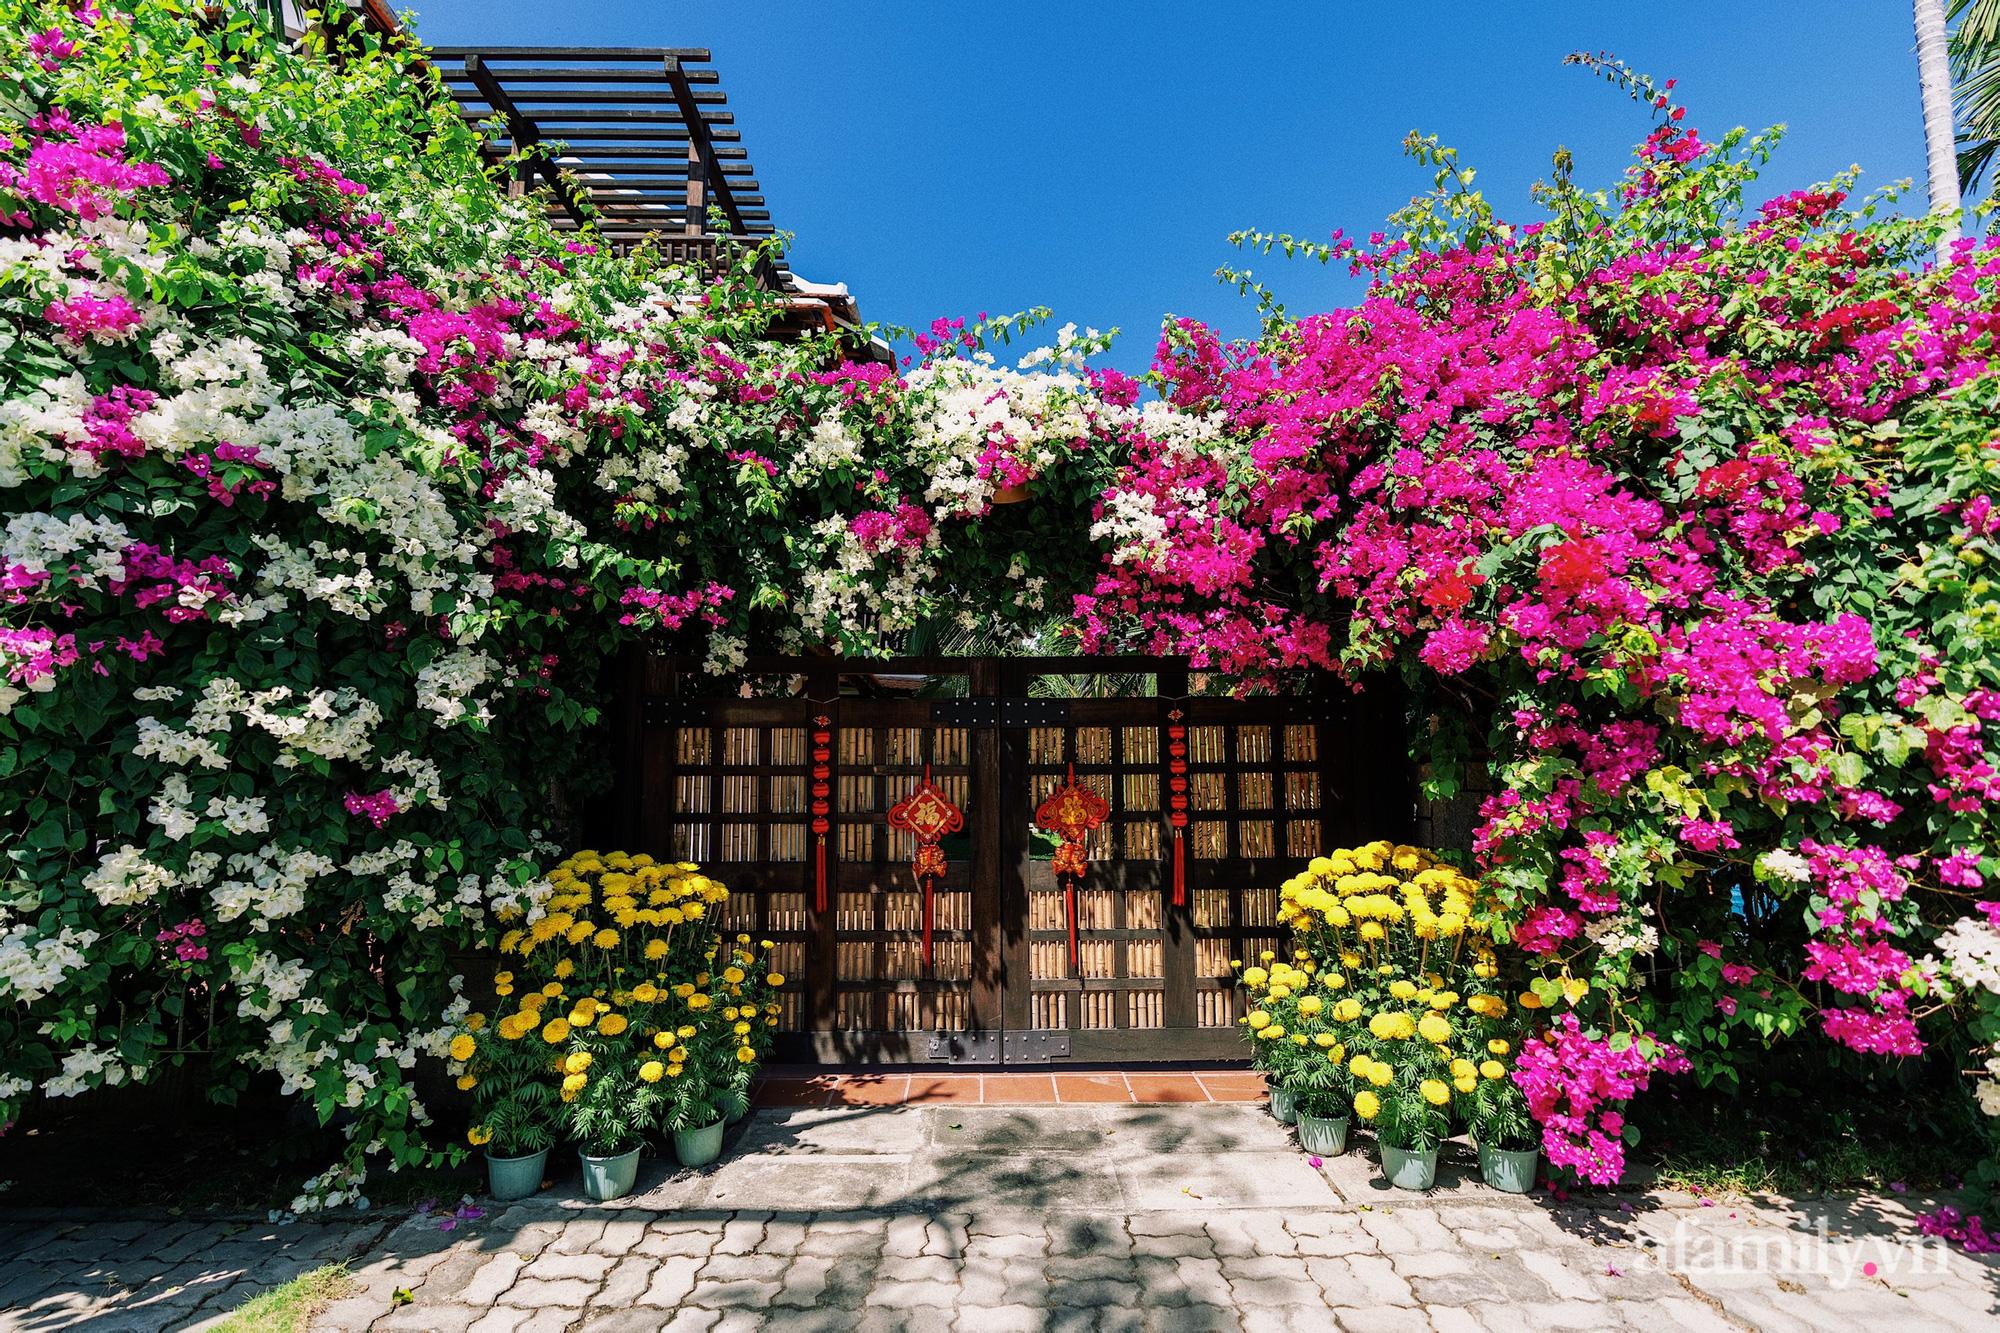 Căn nhà vườn xây 10 năm vẫn đẹp hút mắt với nội thất gỗ và cây xanh quanh nhà ở Nha Trang-2